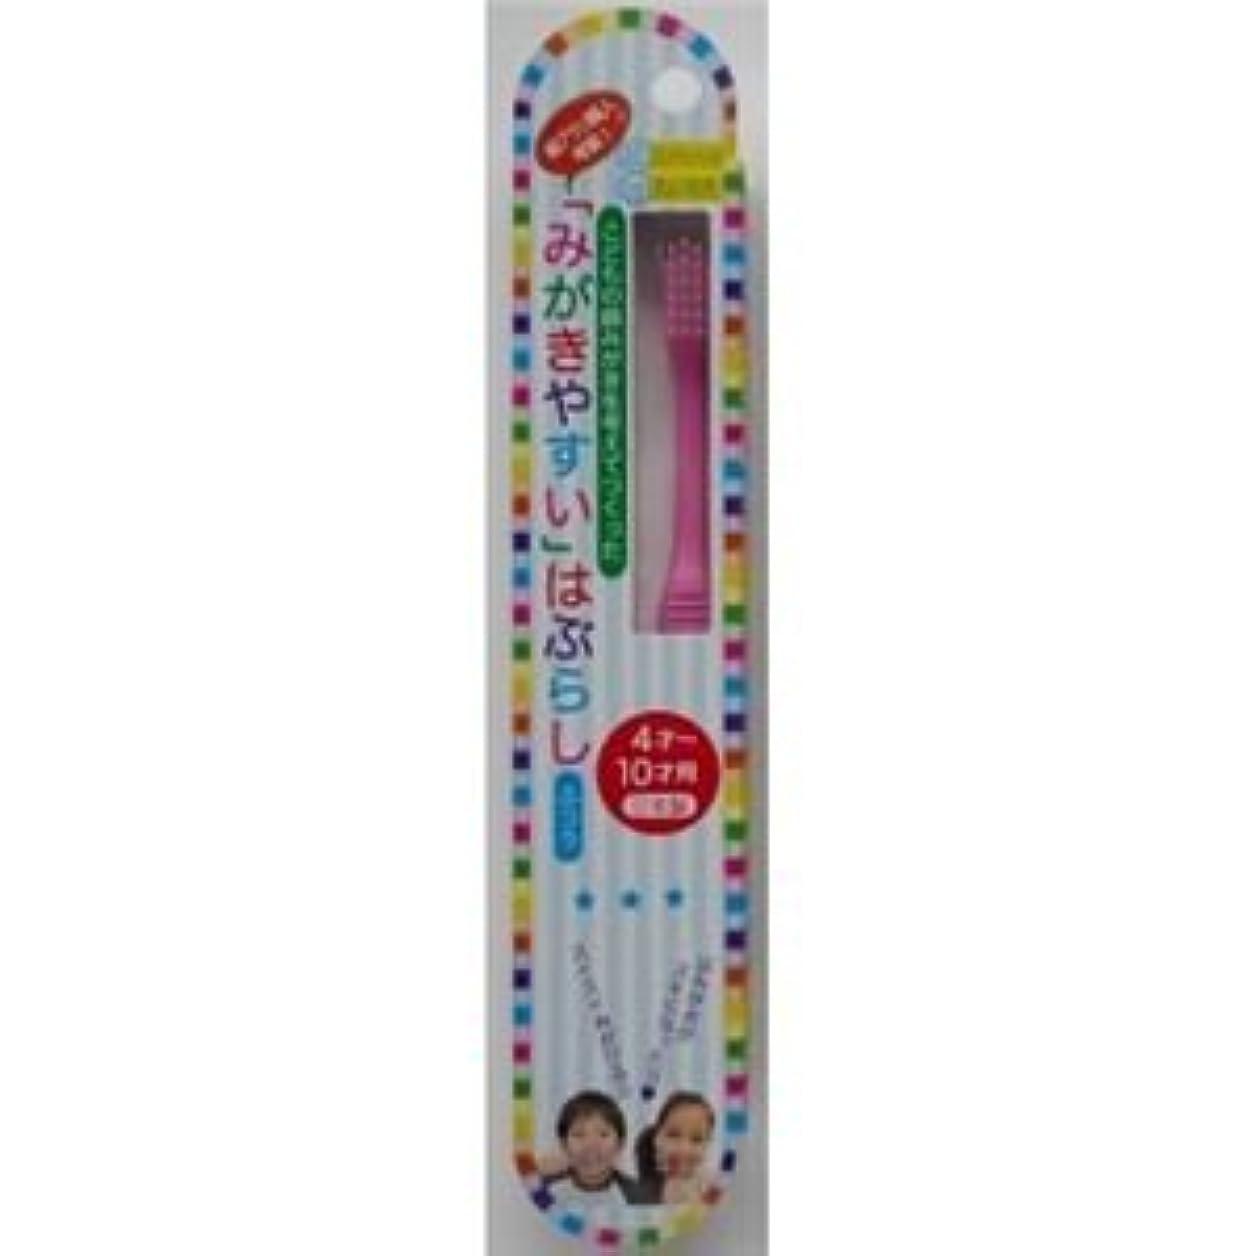 マージ本質的にパール(まとめ)ライフレンジ 磨きやすい歯ブラシ LT-10 「磨きやすい」歯ブラシ こども用 【×12点セット】